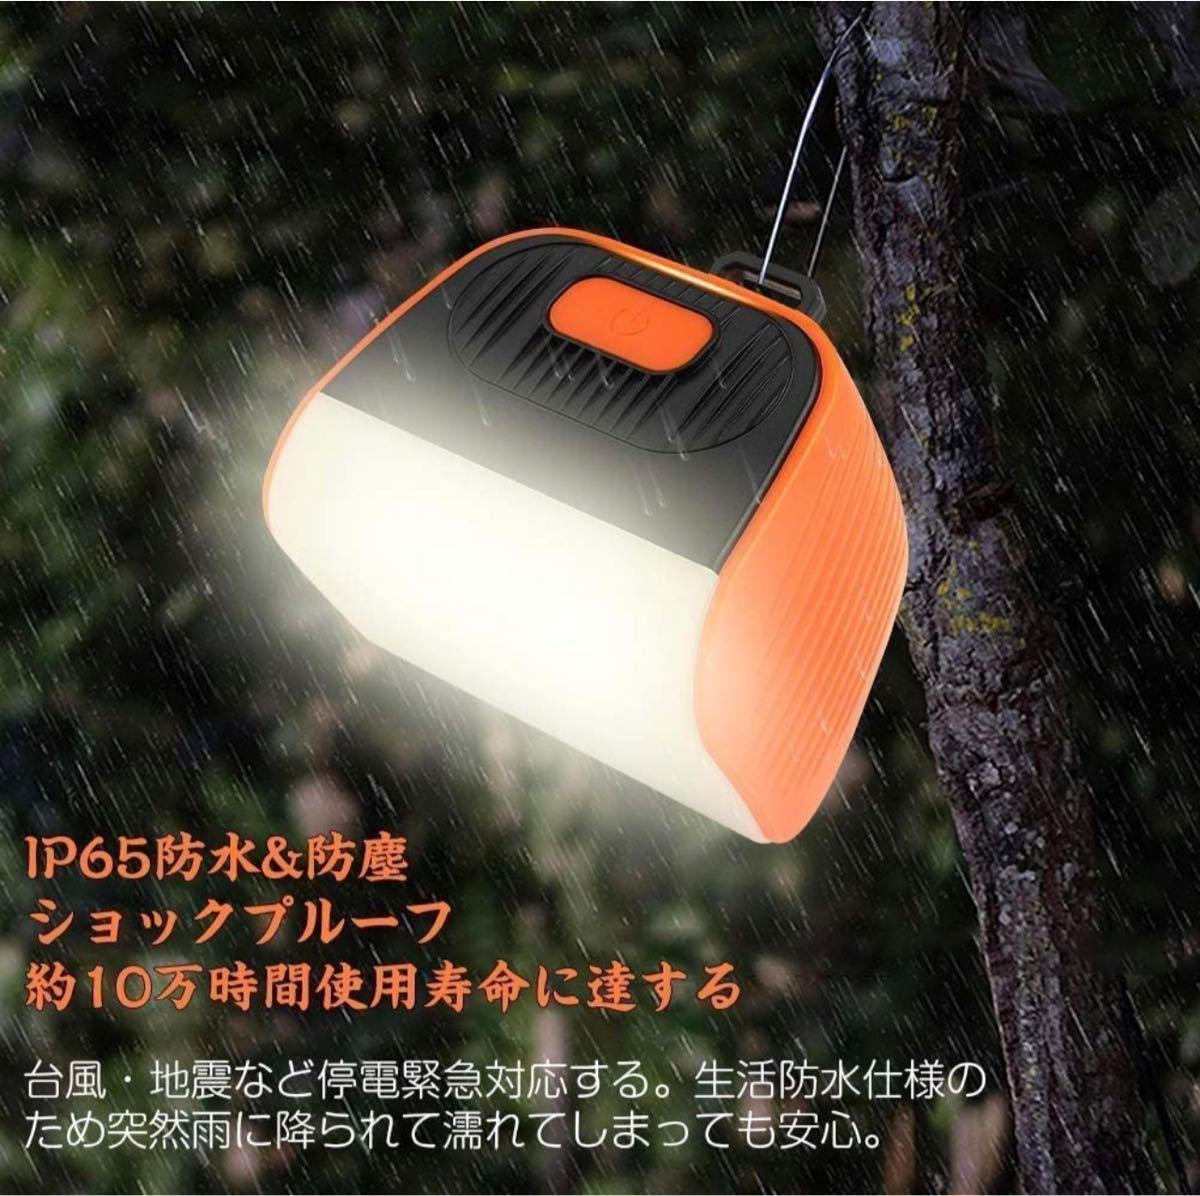 LEDランタン 高輝度 キャンプランタン usb充電式 キャンプライト昼白色